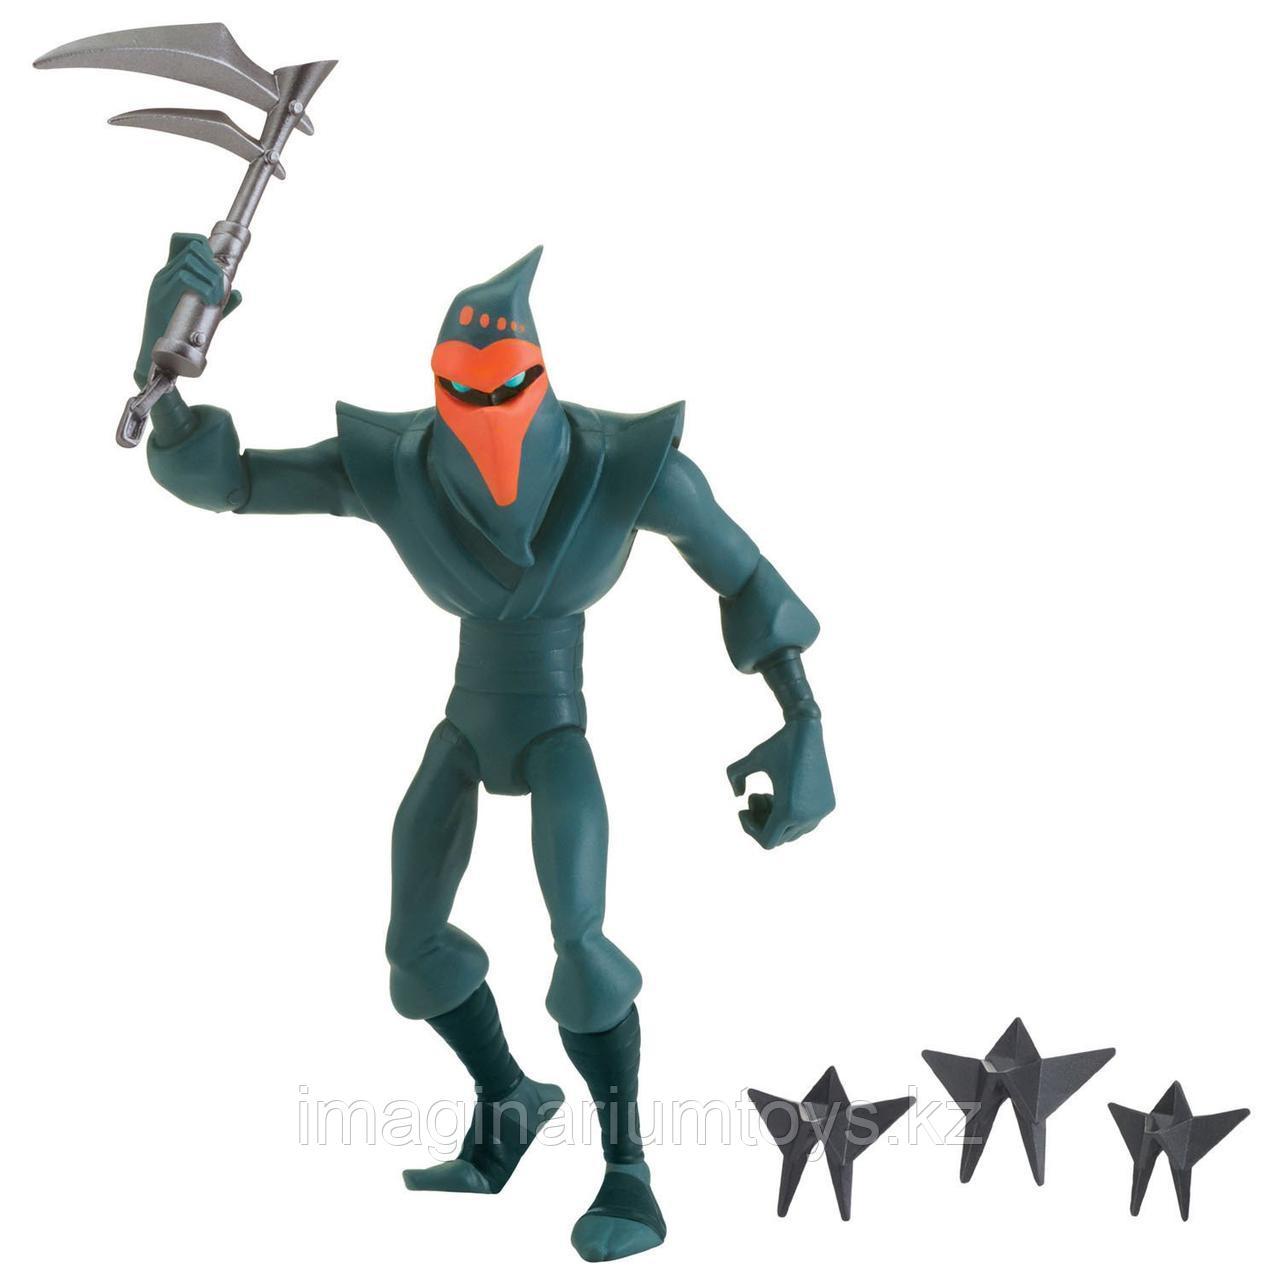 Игрушка Черепашки-ниндзя Фигурка Солдат Оригами Фут 12 см